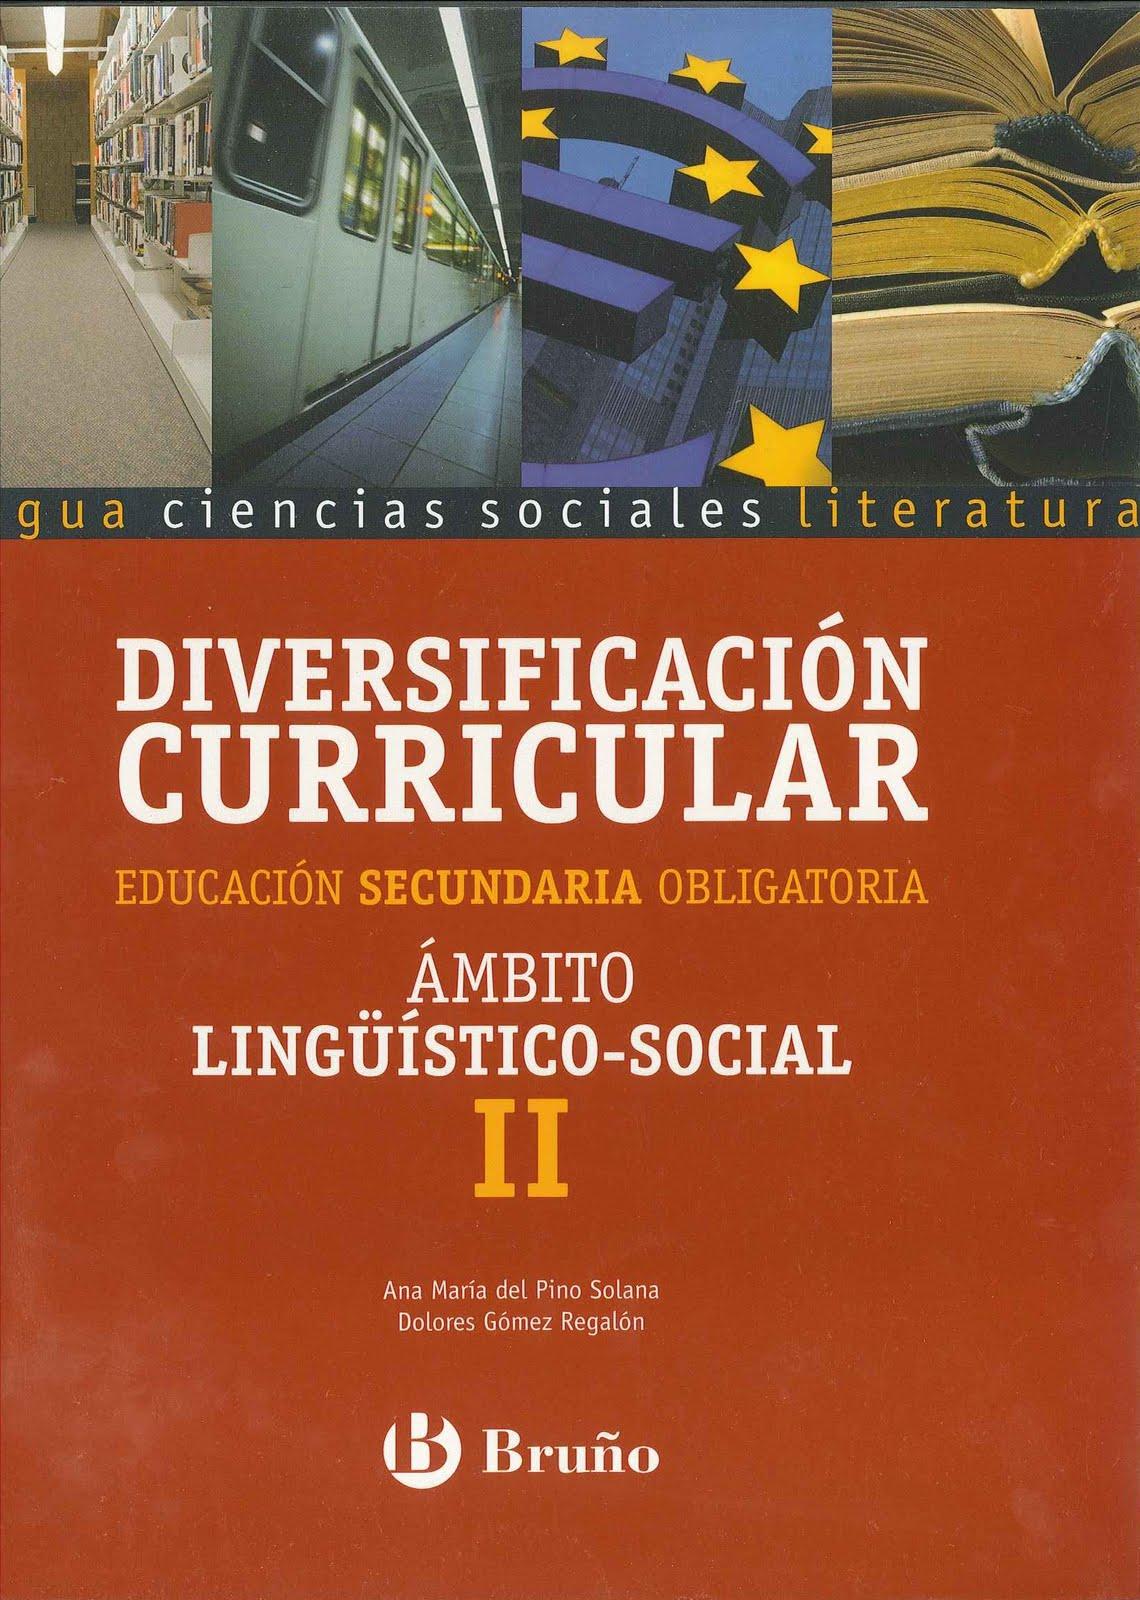 diversificación curricular ambito lingüístico social